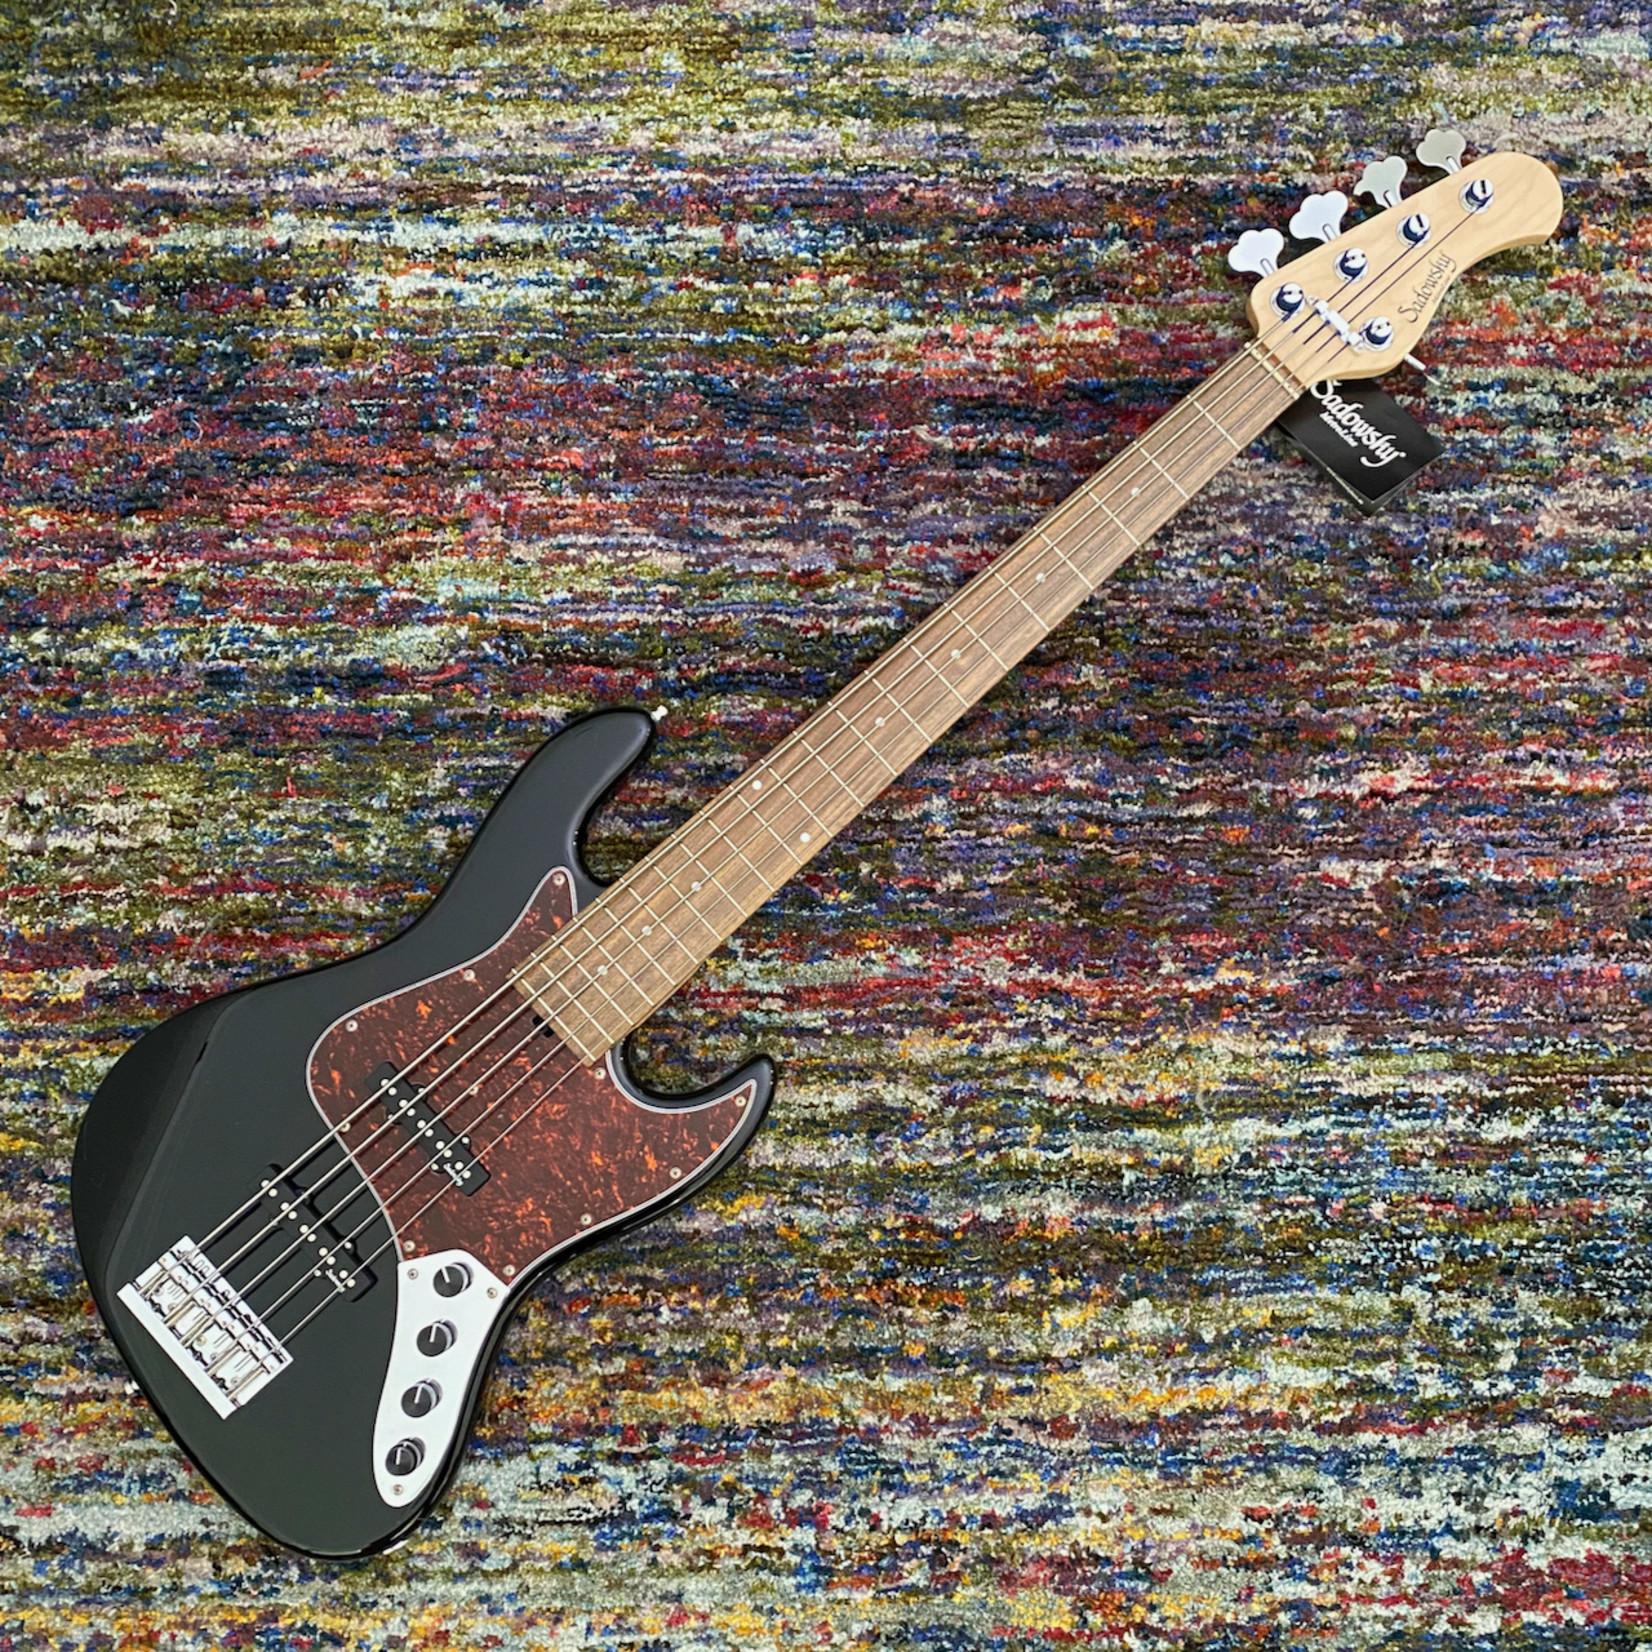 Sadowsky Sadowsky MetroLine 21-Fret Vintage J/J Bass - Red Alder Body-5 String - Solid Black High Polish